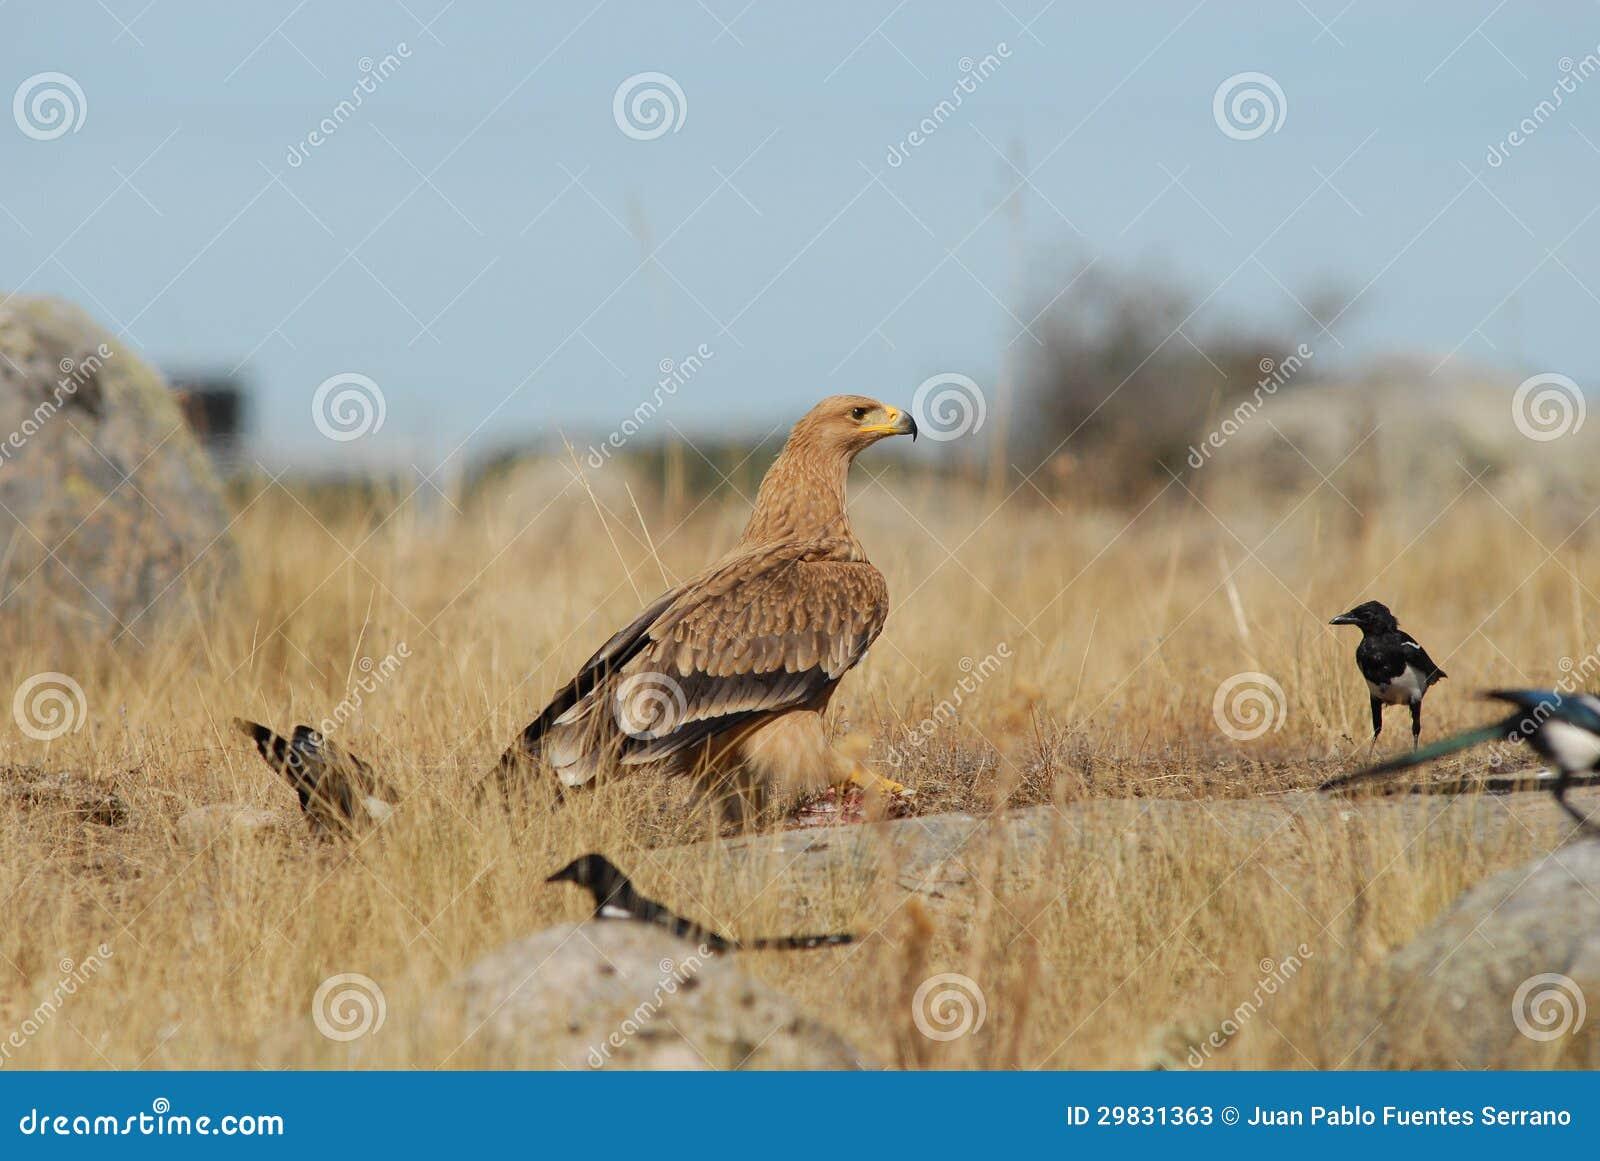 Campo imaturo da águia imperial